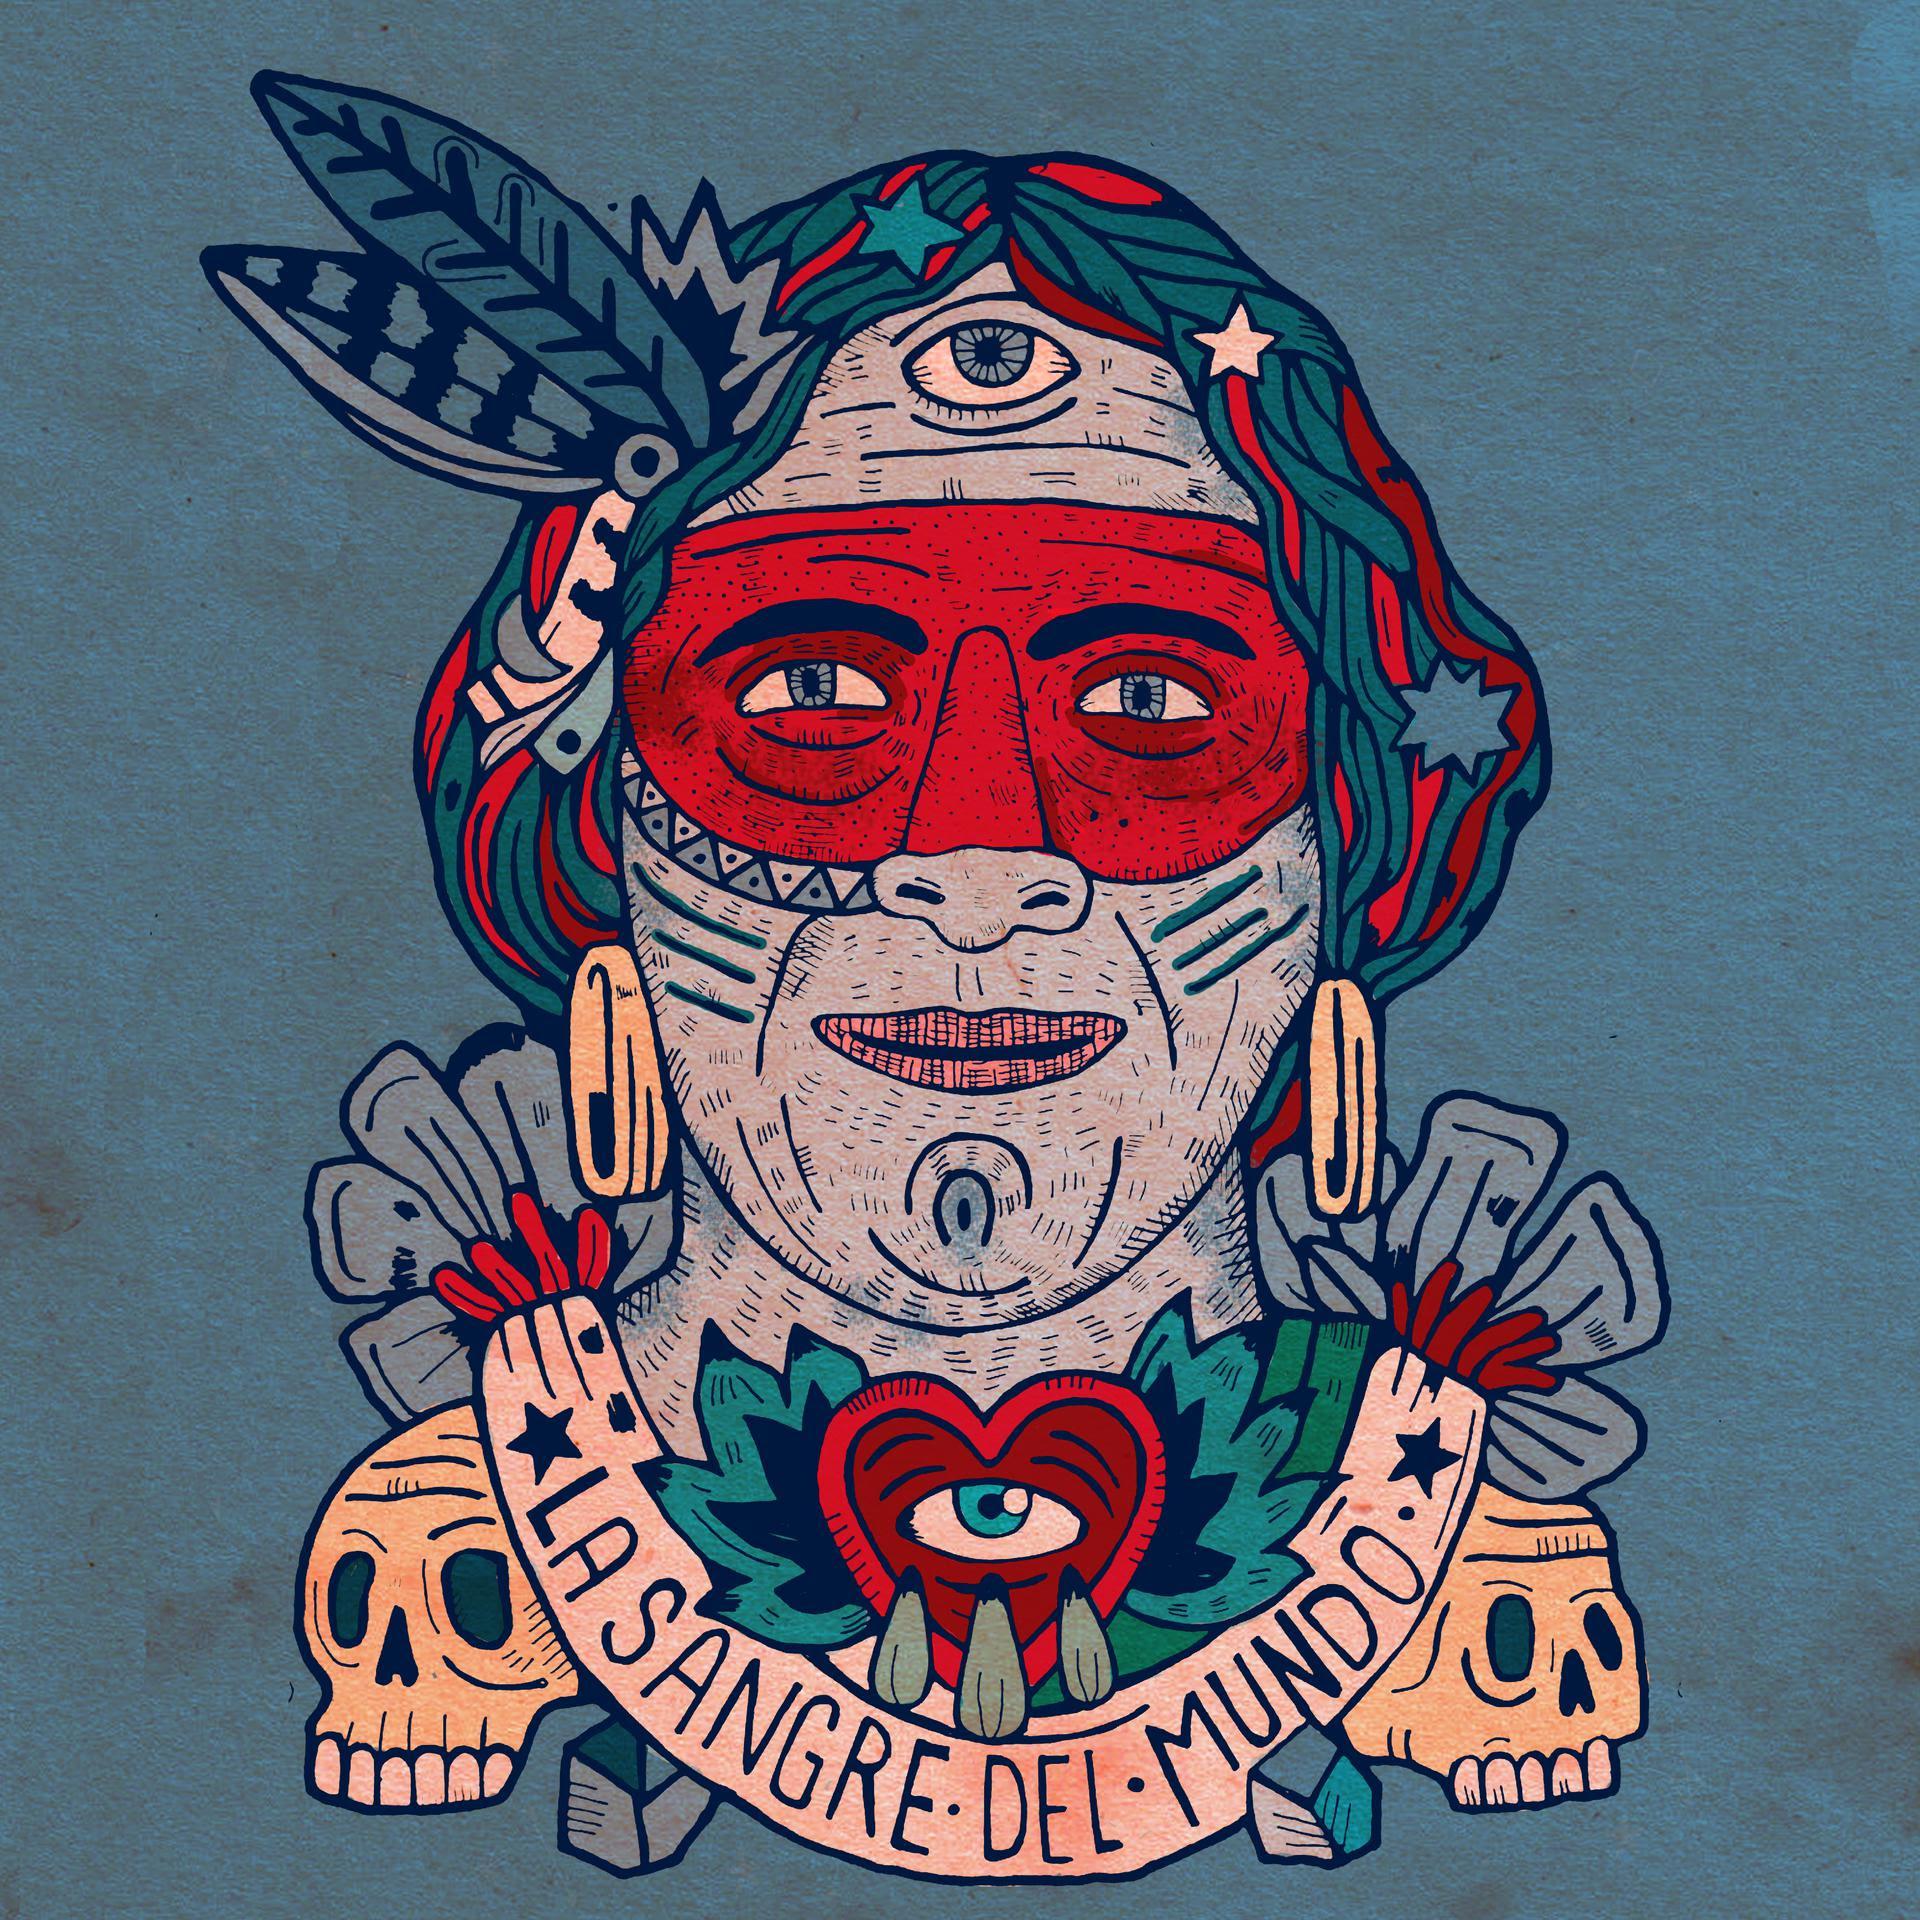 Muerdo presenta el primer single de su nuevo álbum: La Sangre del Mundo |  loqueva.com